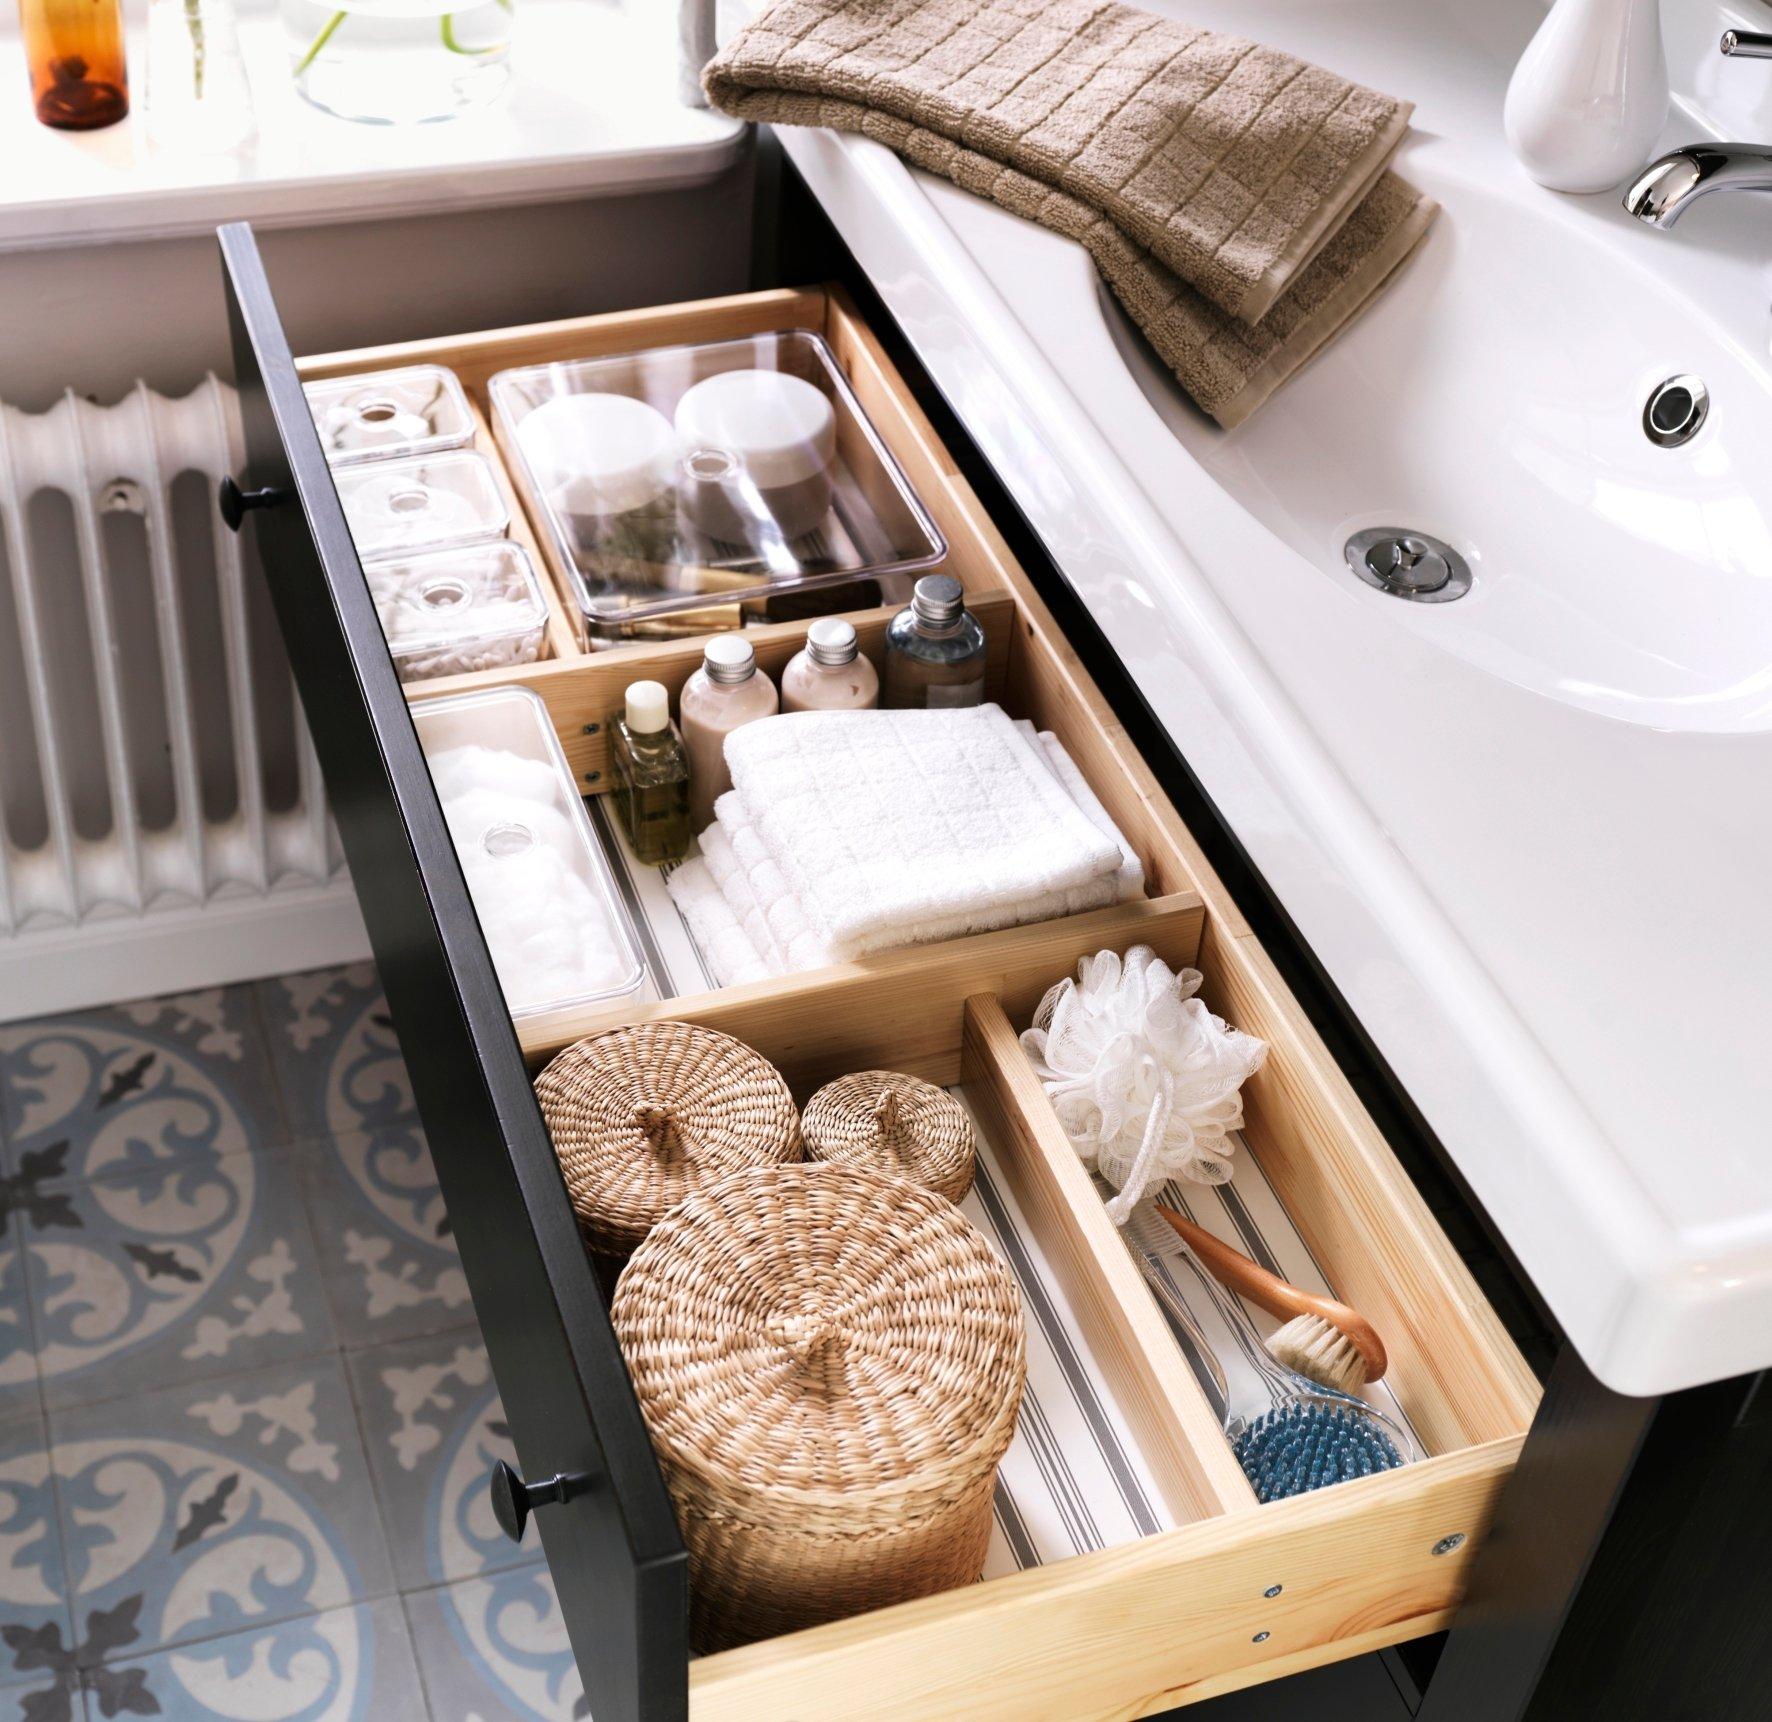 Tipp 3: Das Inneneinrichtungssystem ist die allgemeine Lösung für die Ordnung im Badezimmer